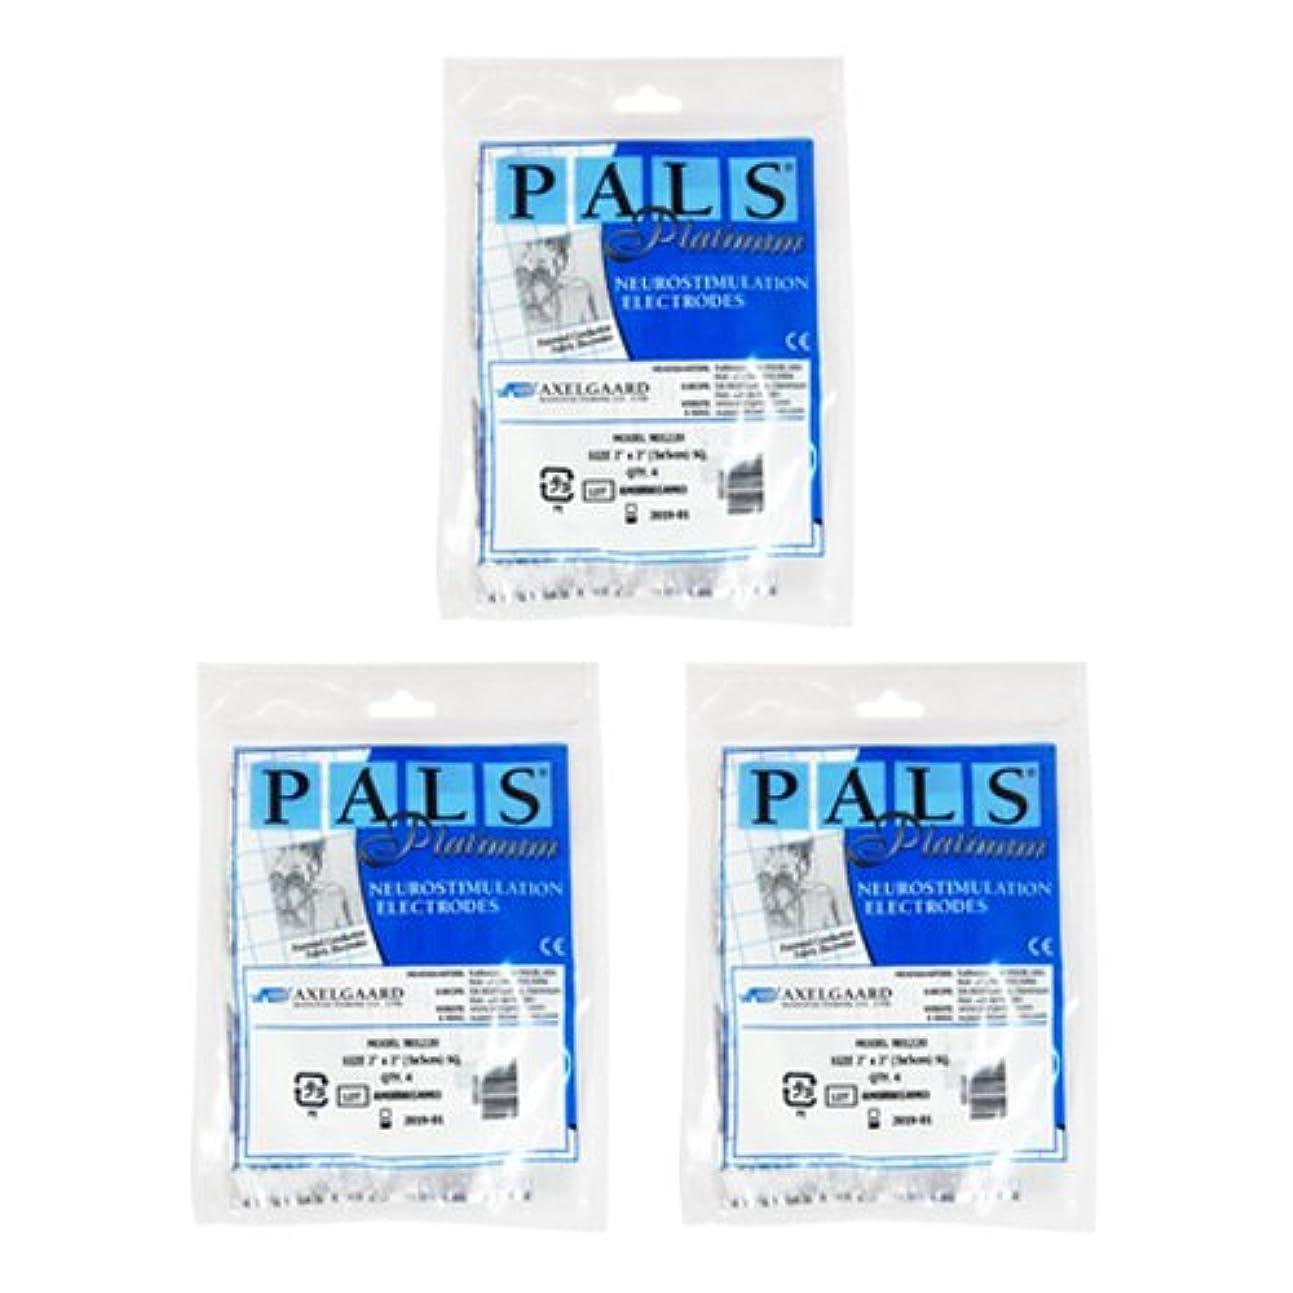 修羅場ステーキ海藻敏感肌用アクセルガード ブルー Mサイズ × 3セット 【EMS用粘着パッド】